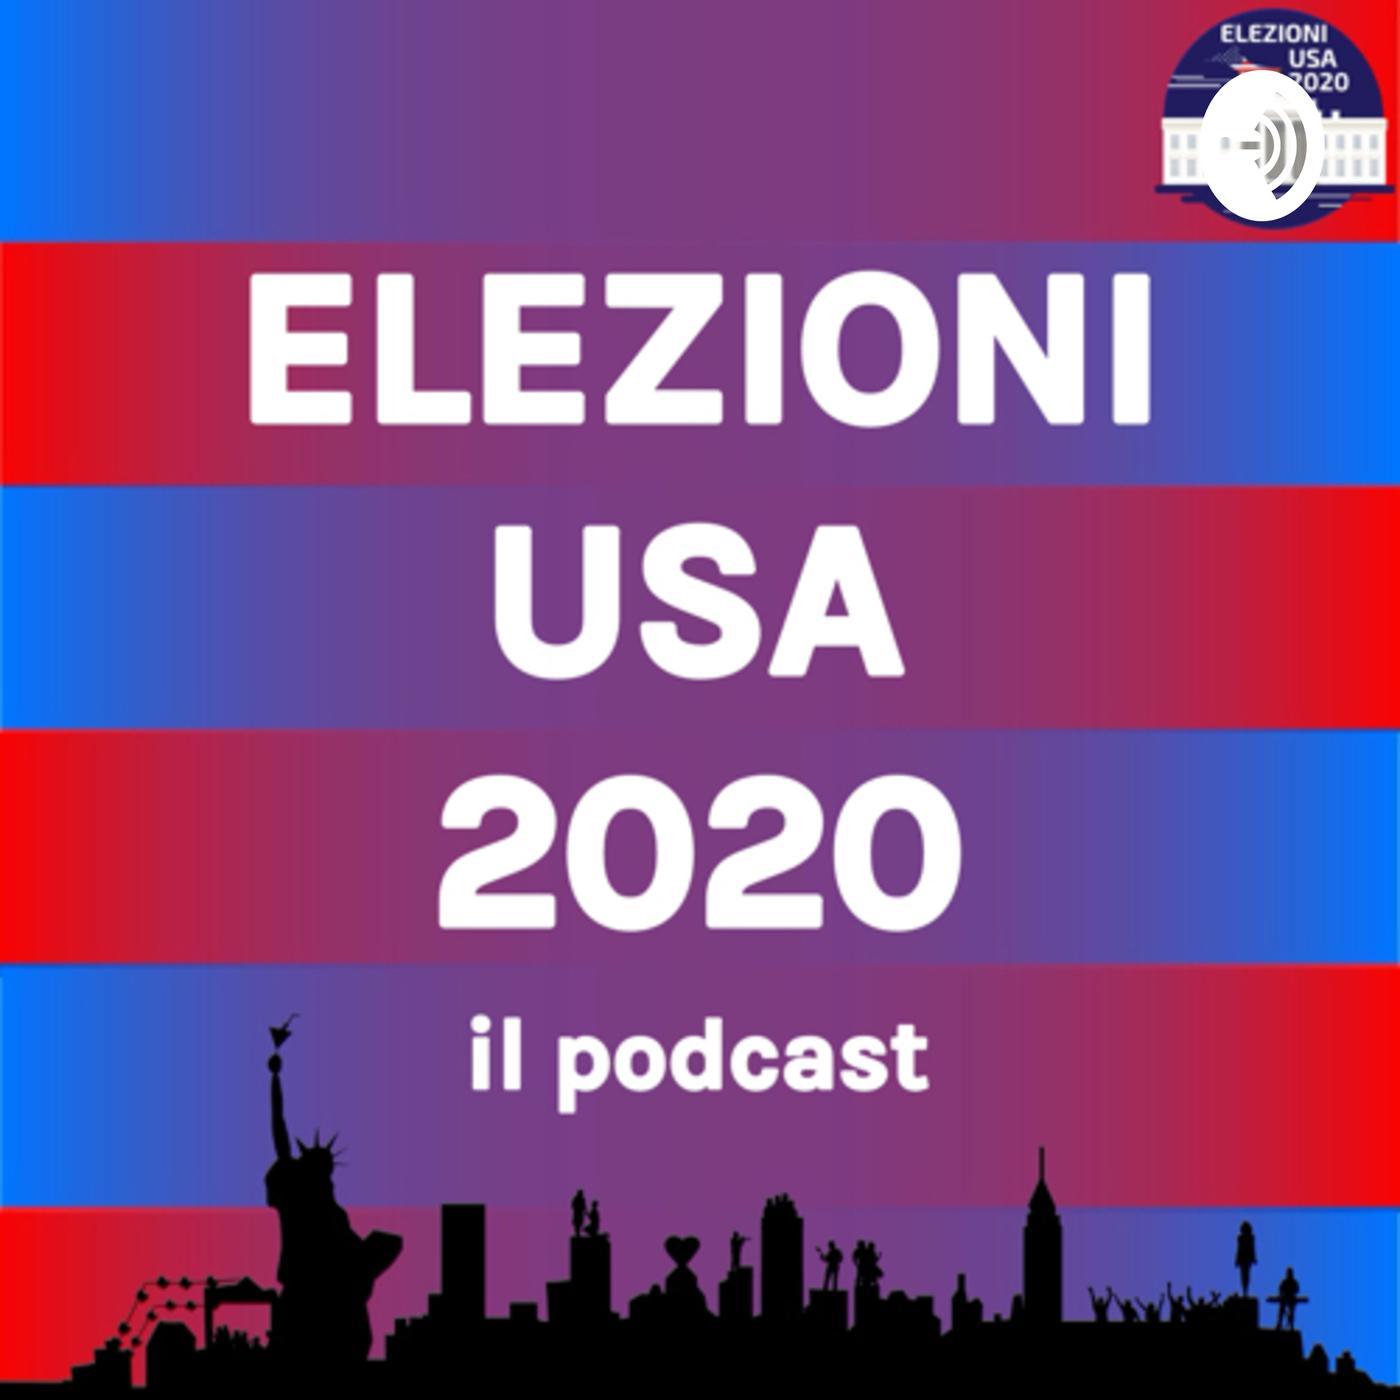 elezioni usa 2020 XWq0k3NEr1G 10 Podcast Italiani preferiti da ascoltare